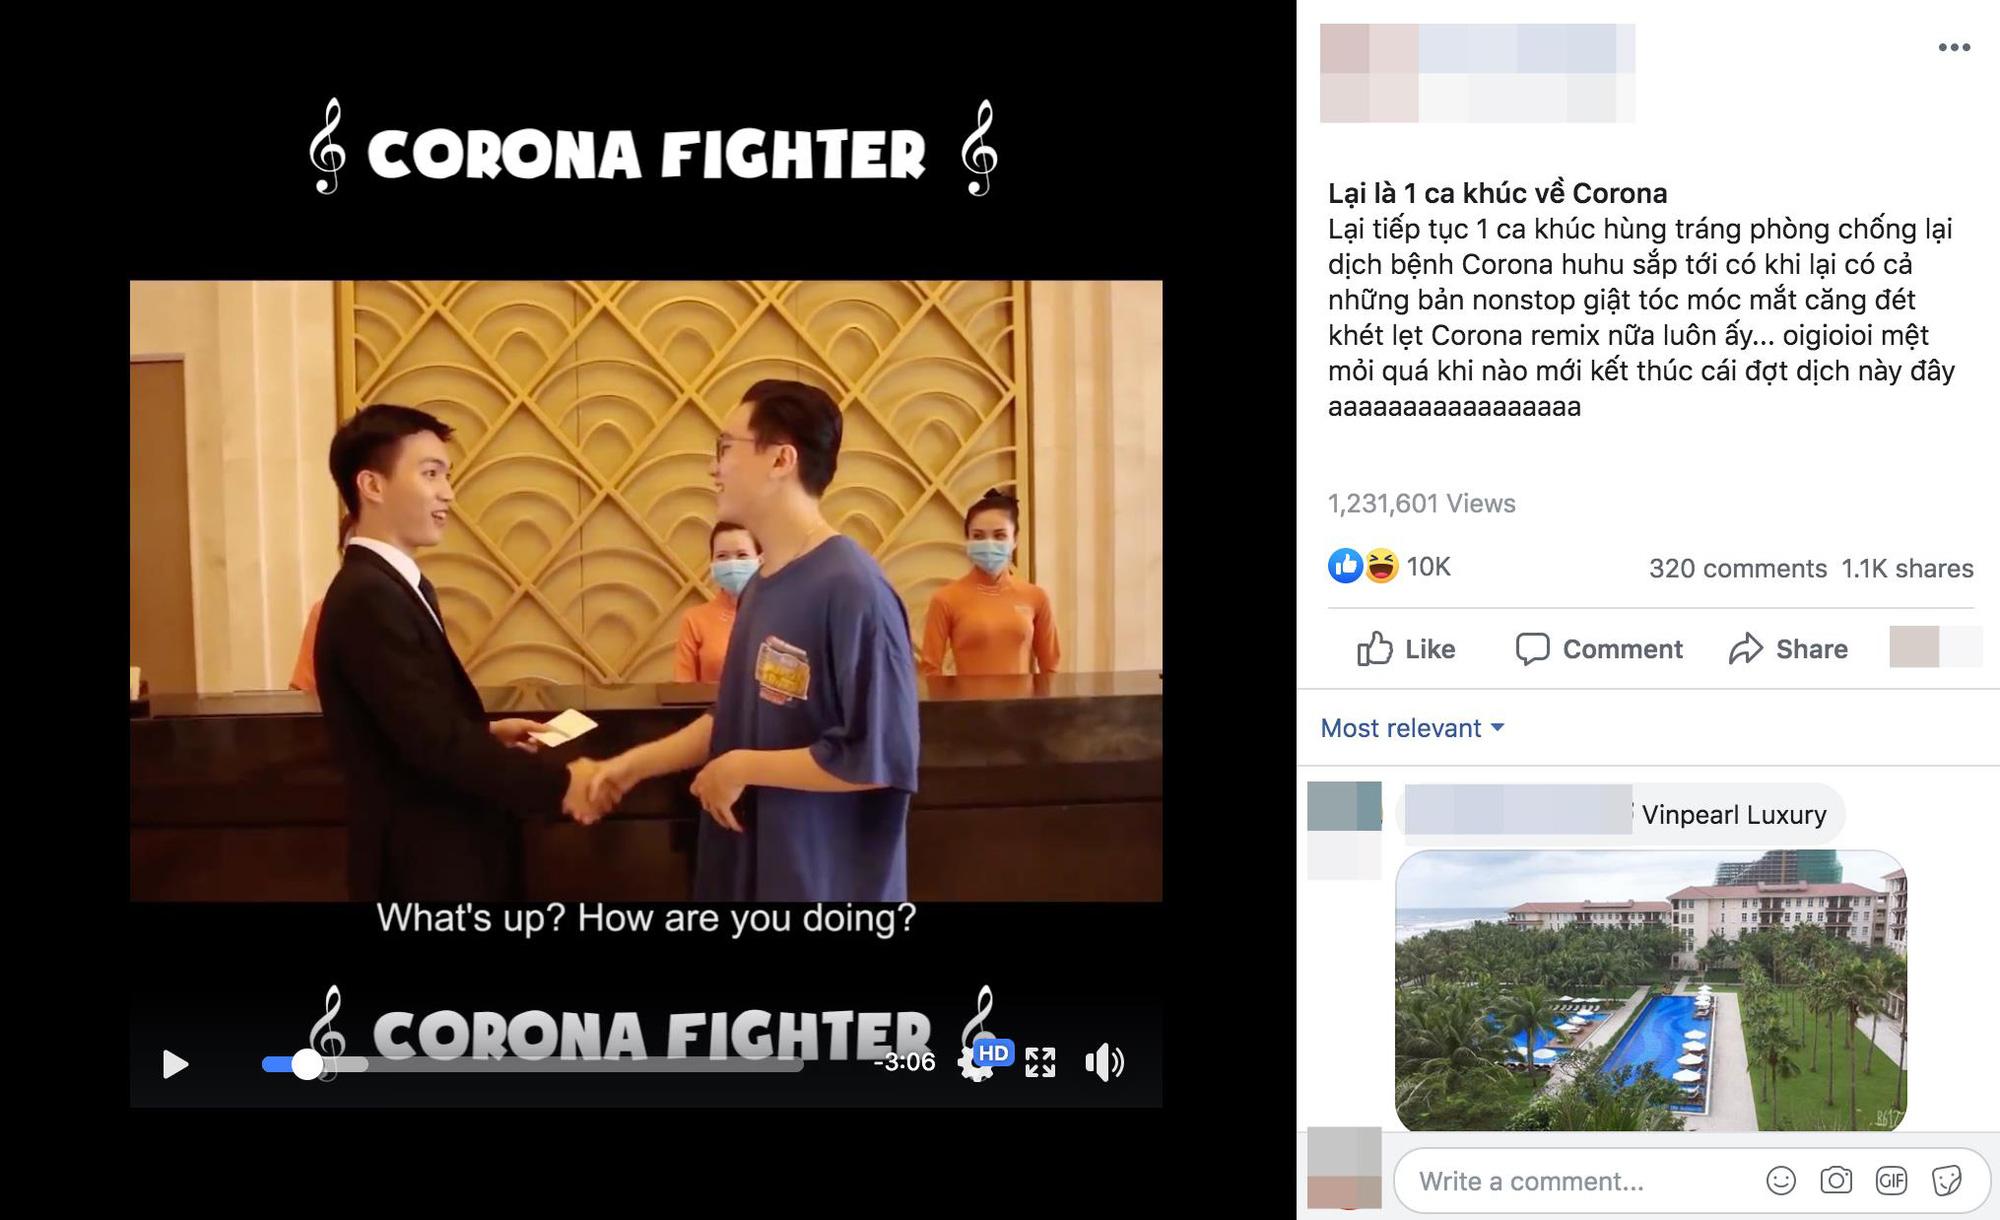 Bản rap cực chất của nhân viên lễ tân khách sạn sáng tác cổ vũ tinh thần phòng chống Corona - Ảnh 5.